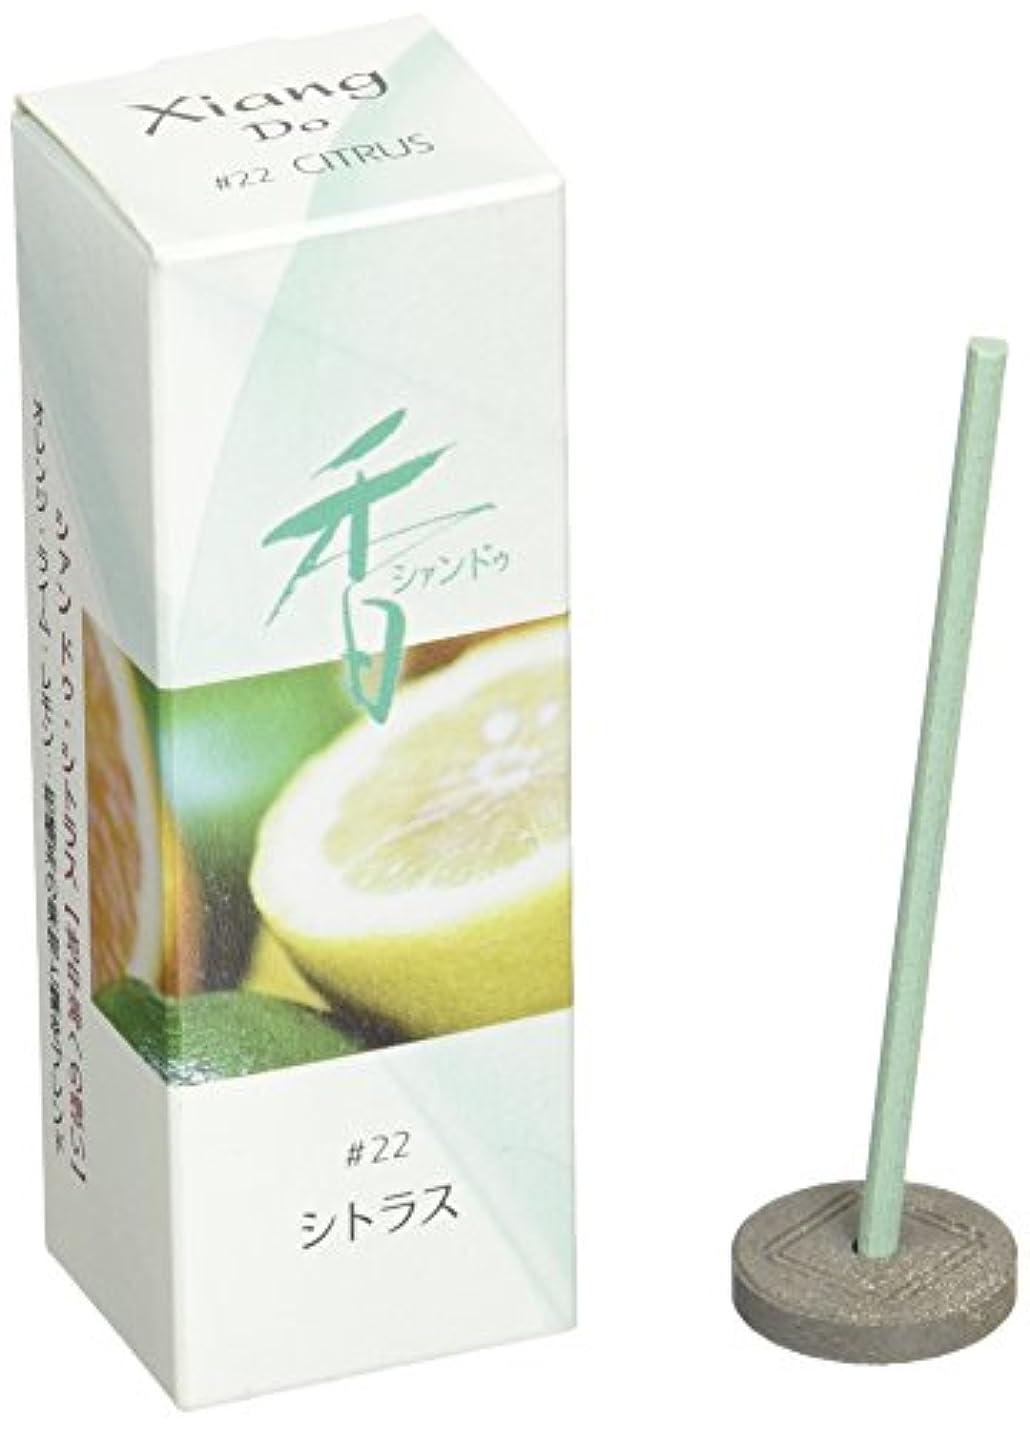 万歳気づくなるあたり松栄堂のお香 Xiang Do(シャンドゥ) シトラス ST20本入 簡易香立付 #214222